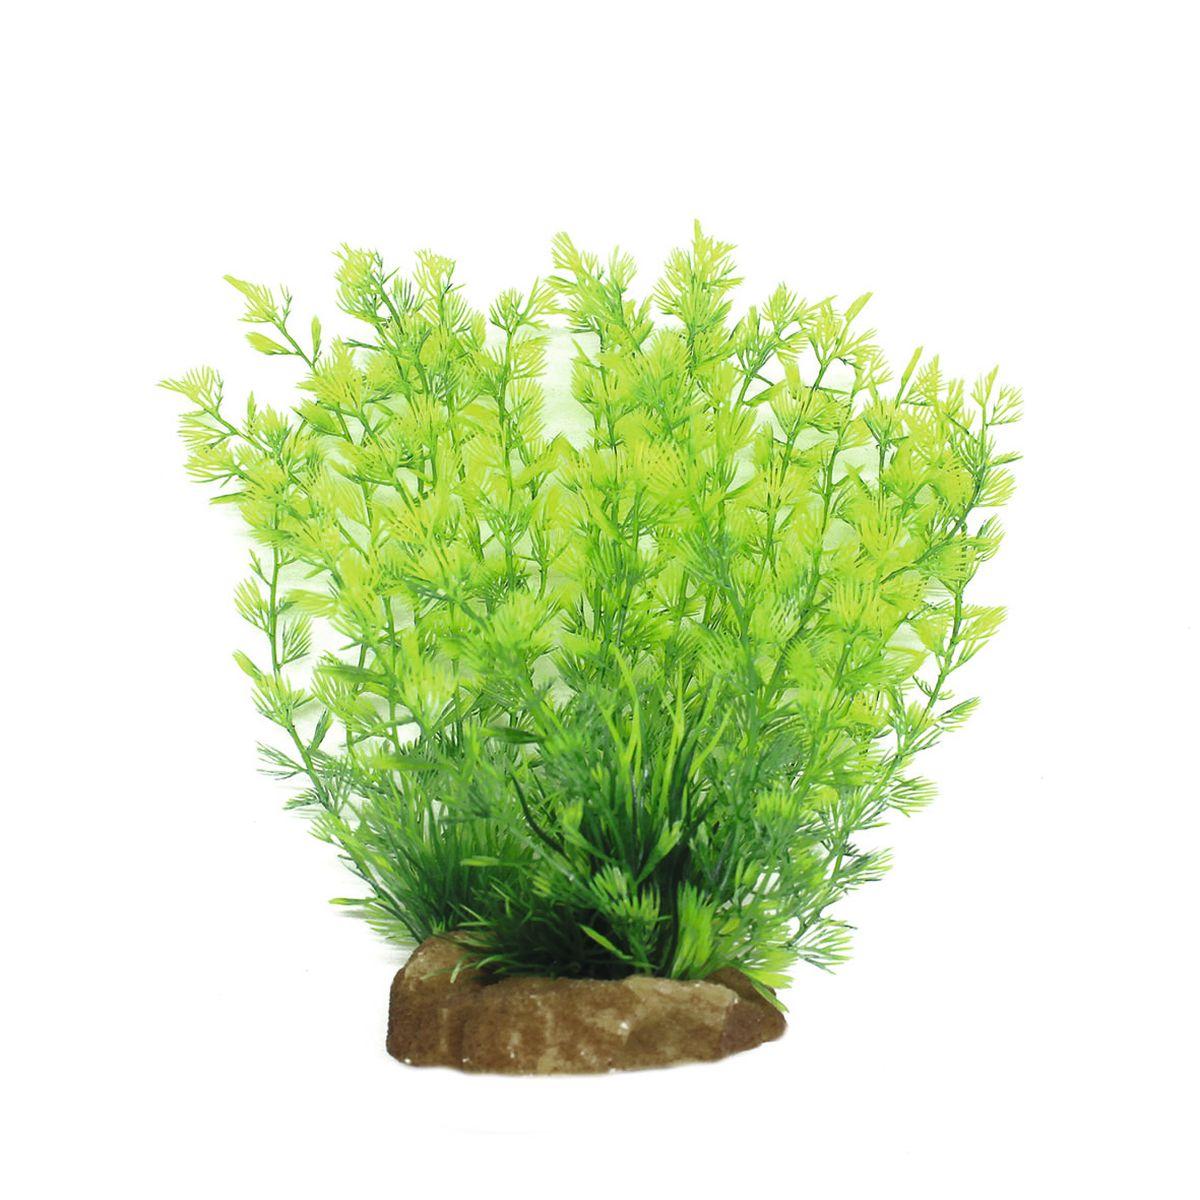 Растение для аквариума ArtUniq Кабомба, высота 20 см0120710Композиция из искусственных растений ArtUniq превосходно украсит и оживит аквариум.Растения - это важная часть любой композиции, они помогут вдохнуть жизнь в ландшафт любого аквариума или террариума. Лучше всего это сделают яркие и сочные цвета искусственных растений серии ArtPlants. А их сходствос природными порадует даже самых взыскательных ценителей.